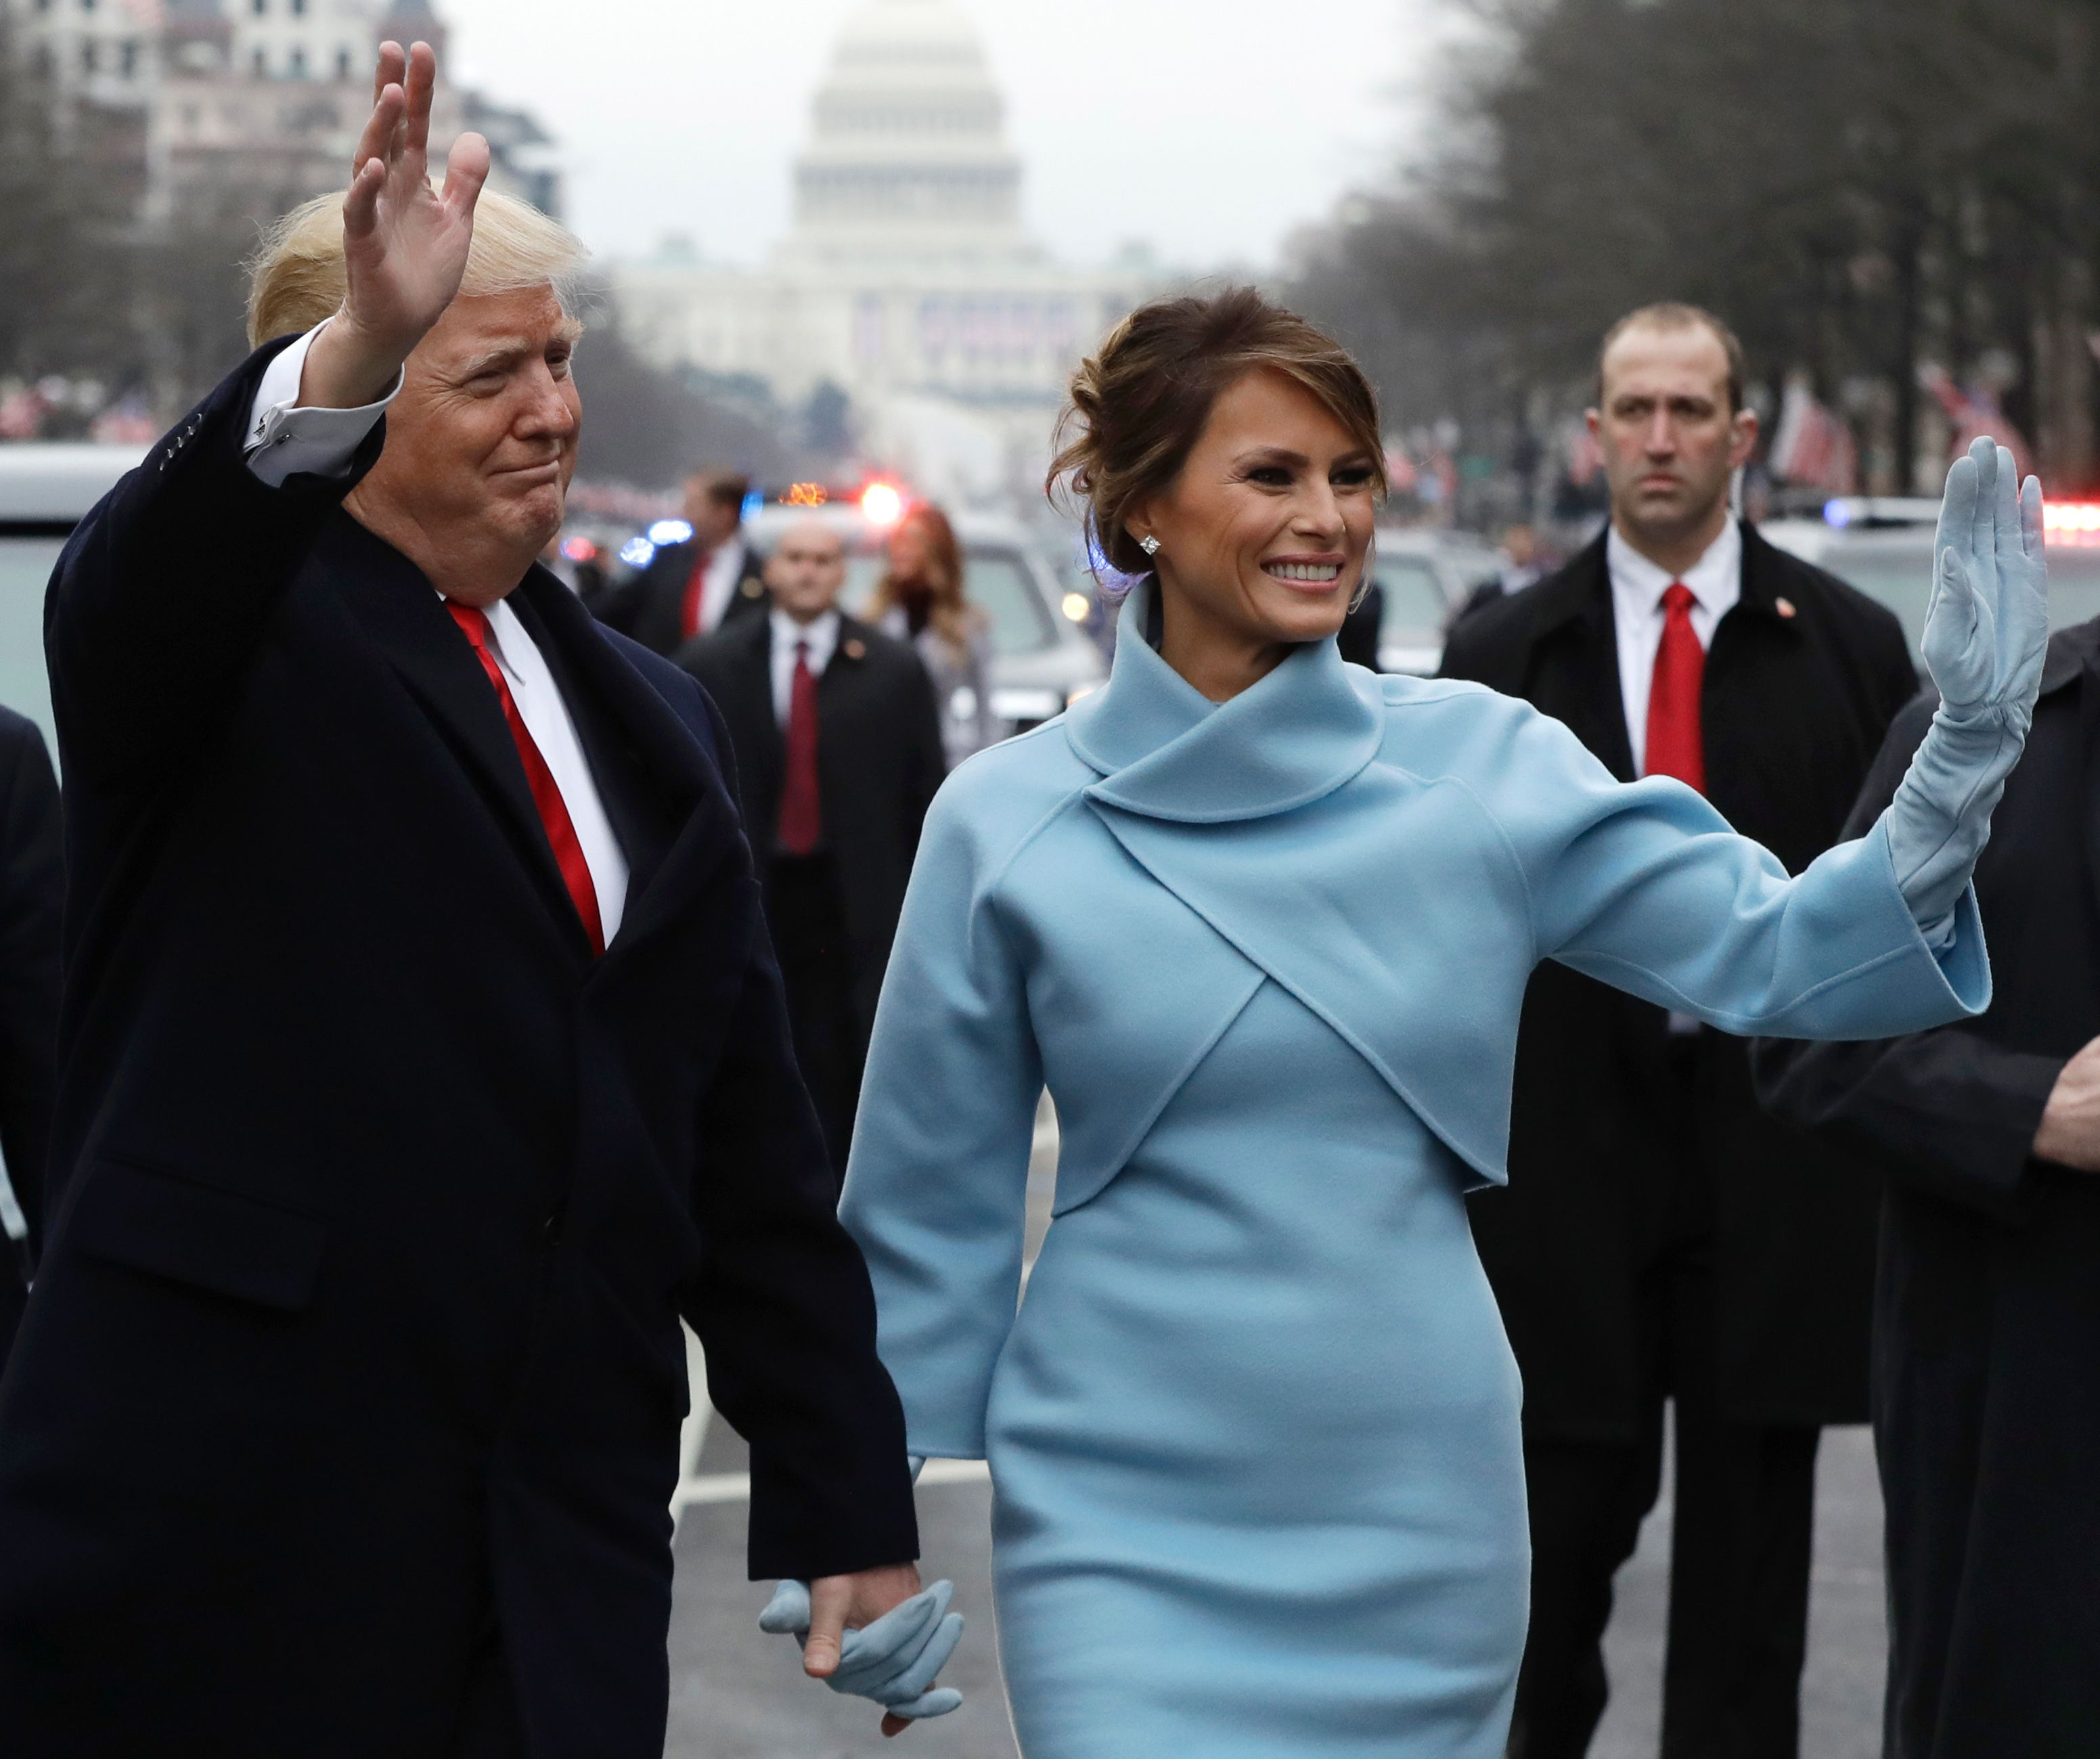 ترامب وميلانيا يوجهان التحية للجماهير لدى وصولهما البيت الأبيض